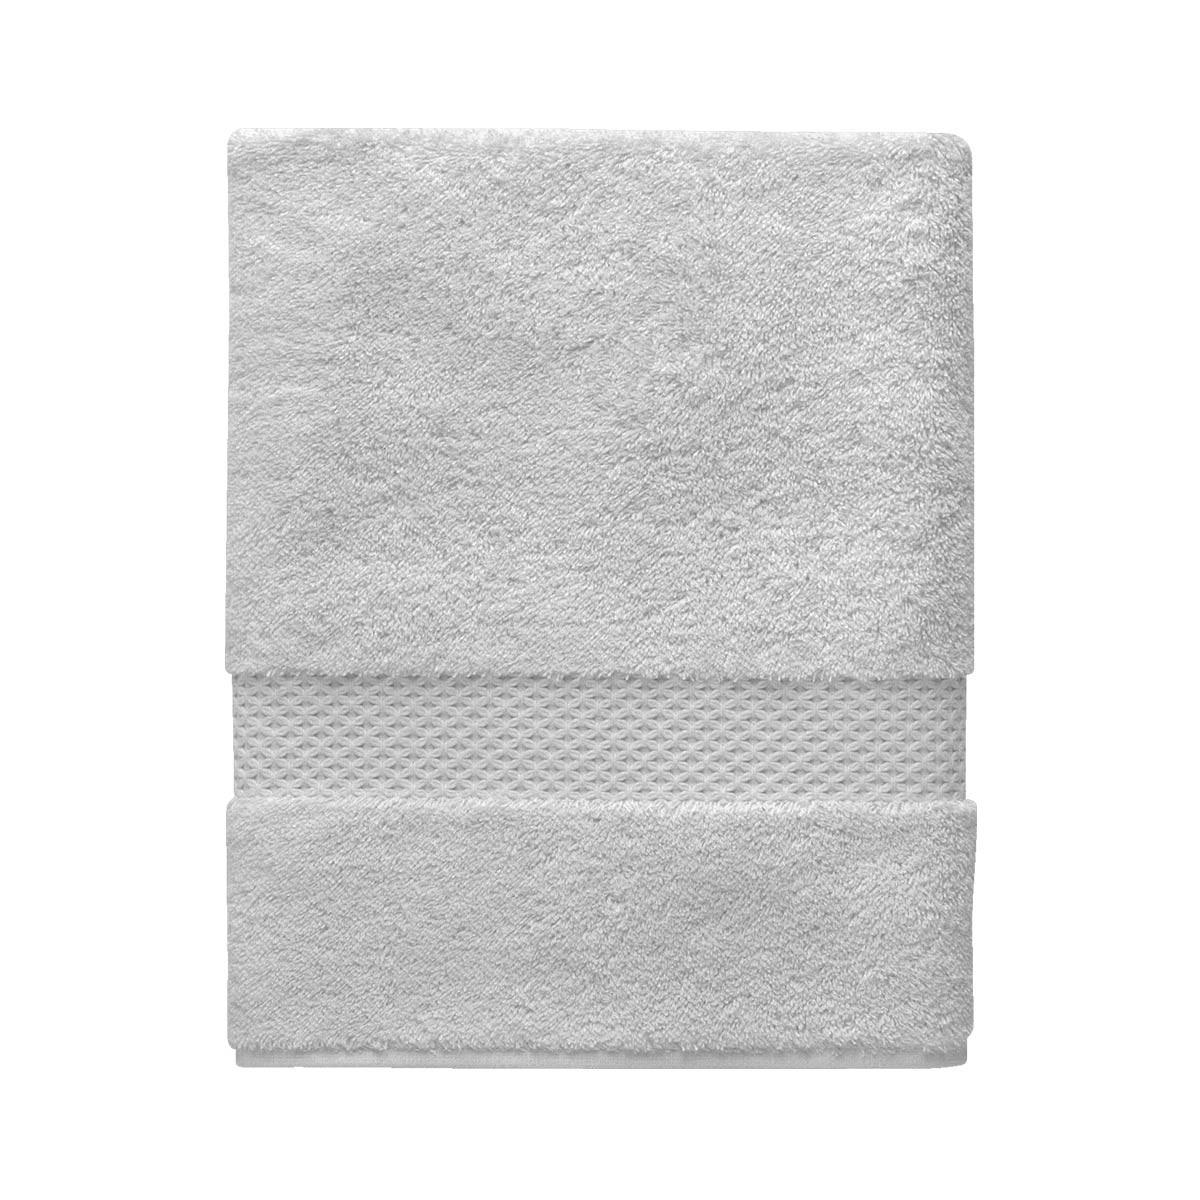 Etoile Silver Bath Sheet 92x160cm